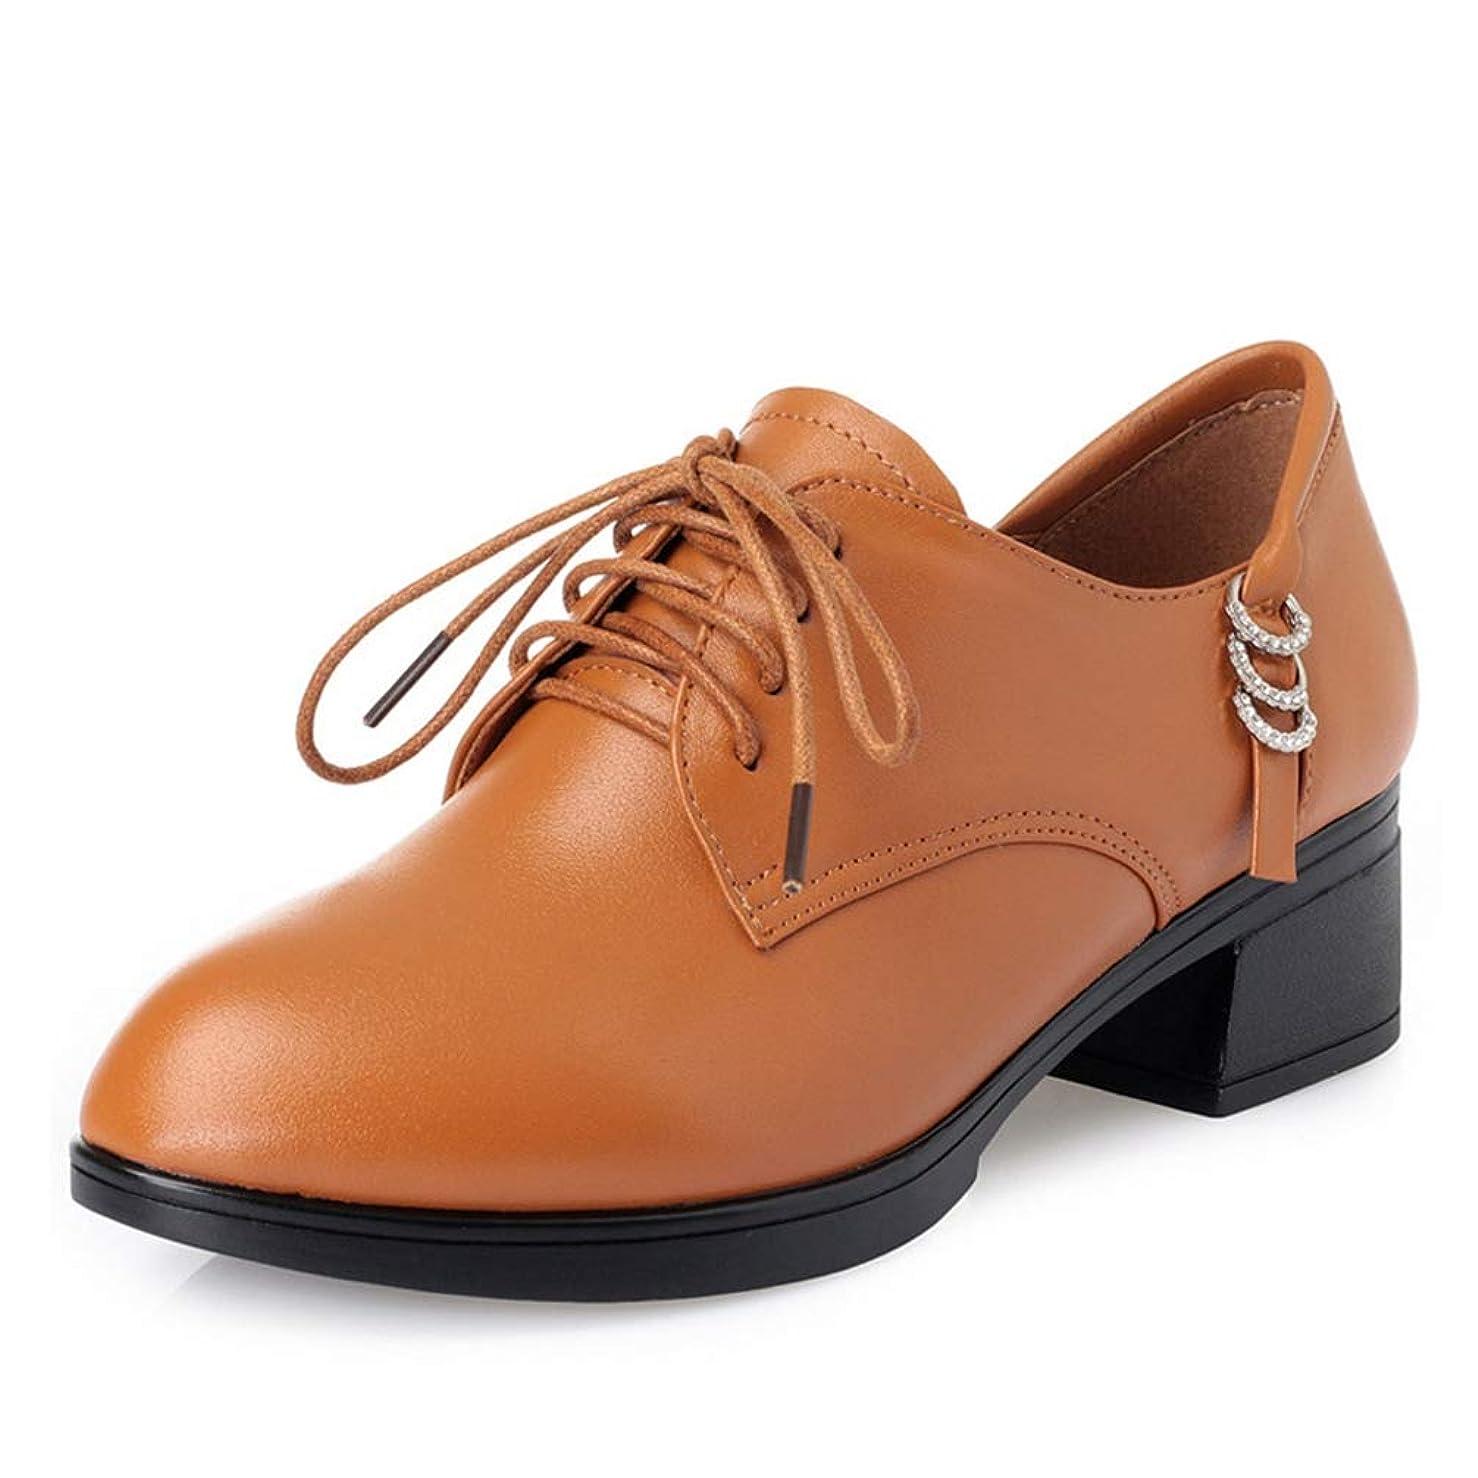 大きい荒らす年次[THLD] 革靴 レースアップシューズ おじ靴 レディース オックスフォード 通勤 学生 皮靴 通学 太めヒール レザー カジュアル ローヒール 牛革 厚底靴 フラット